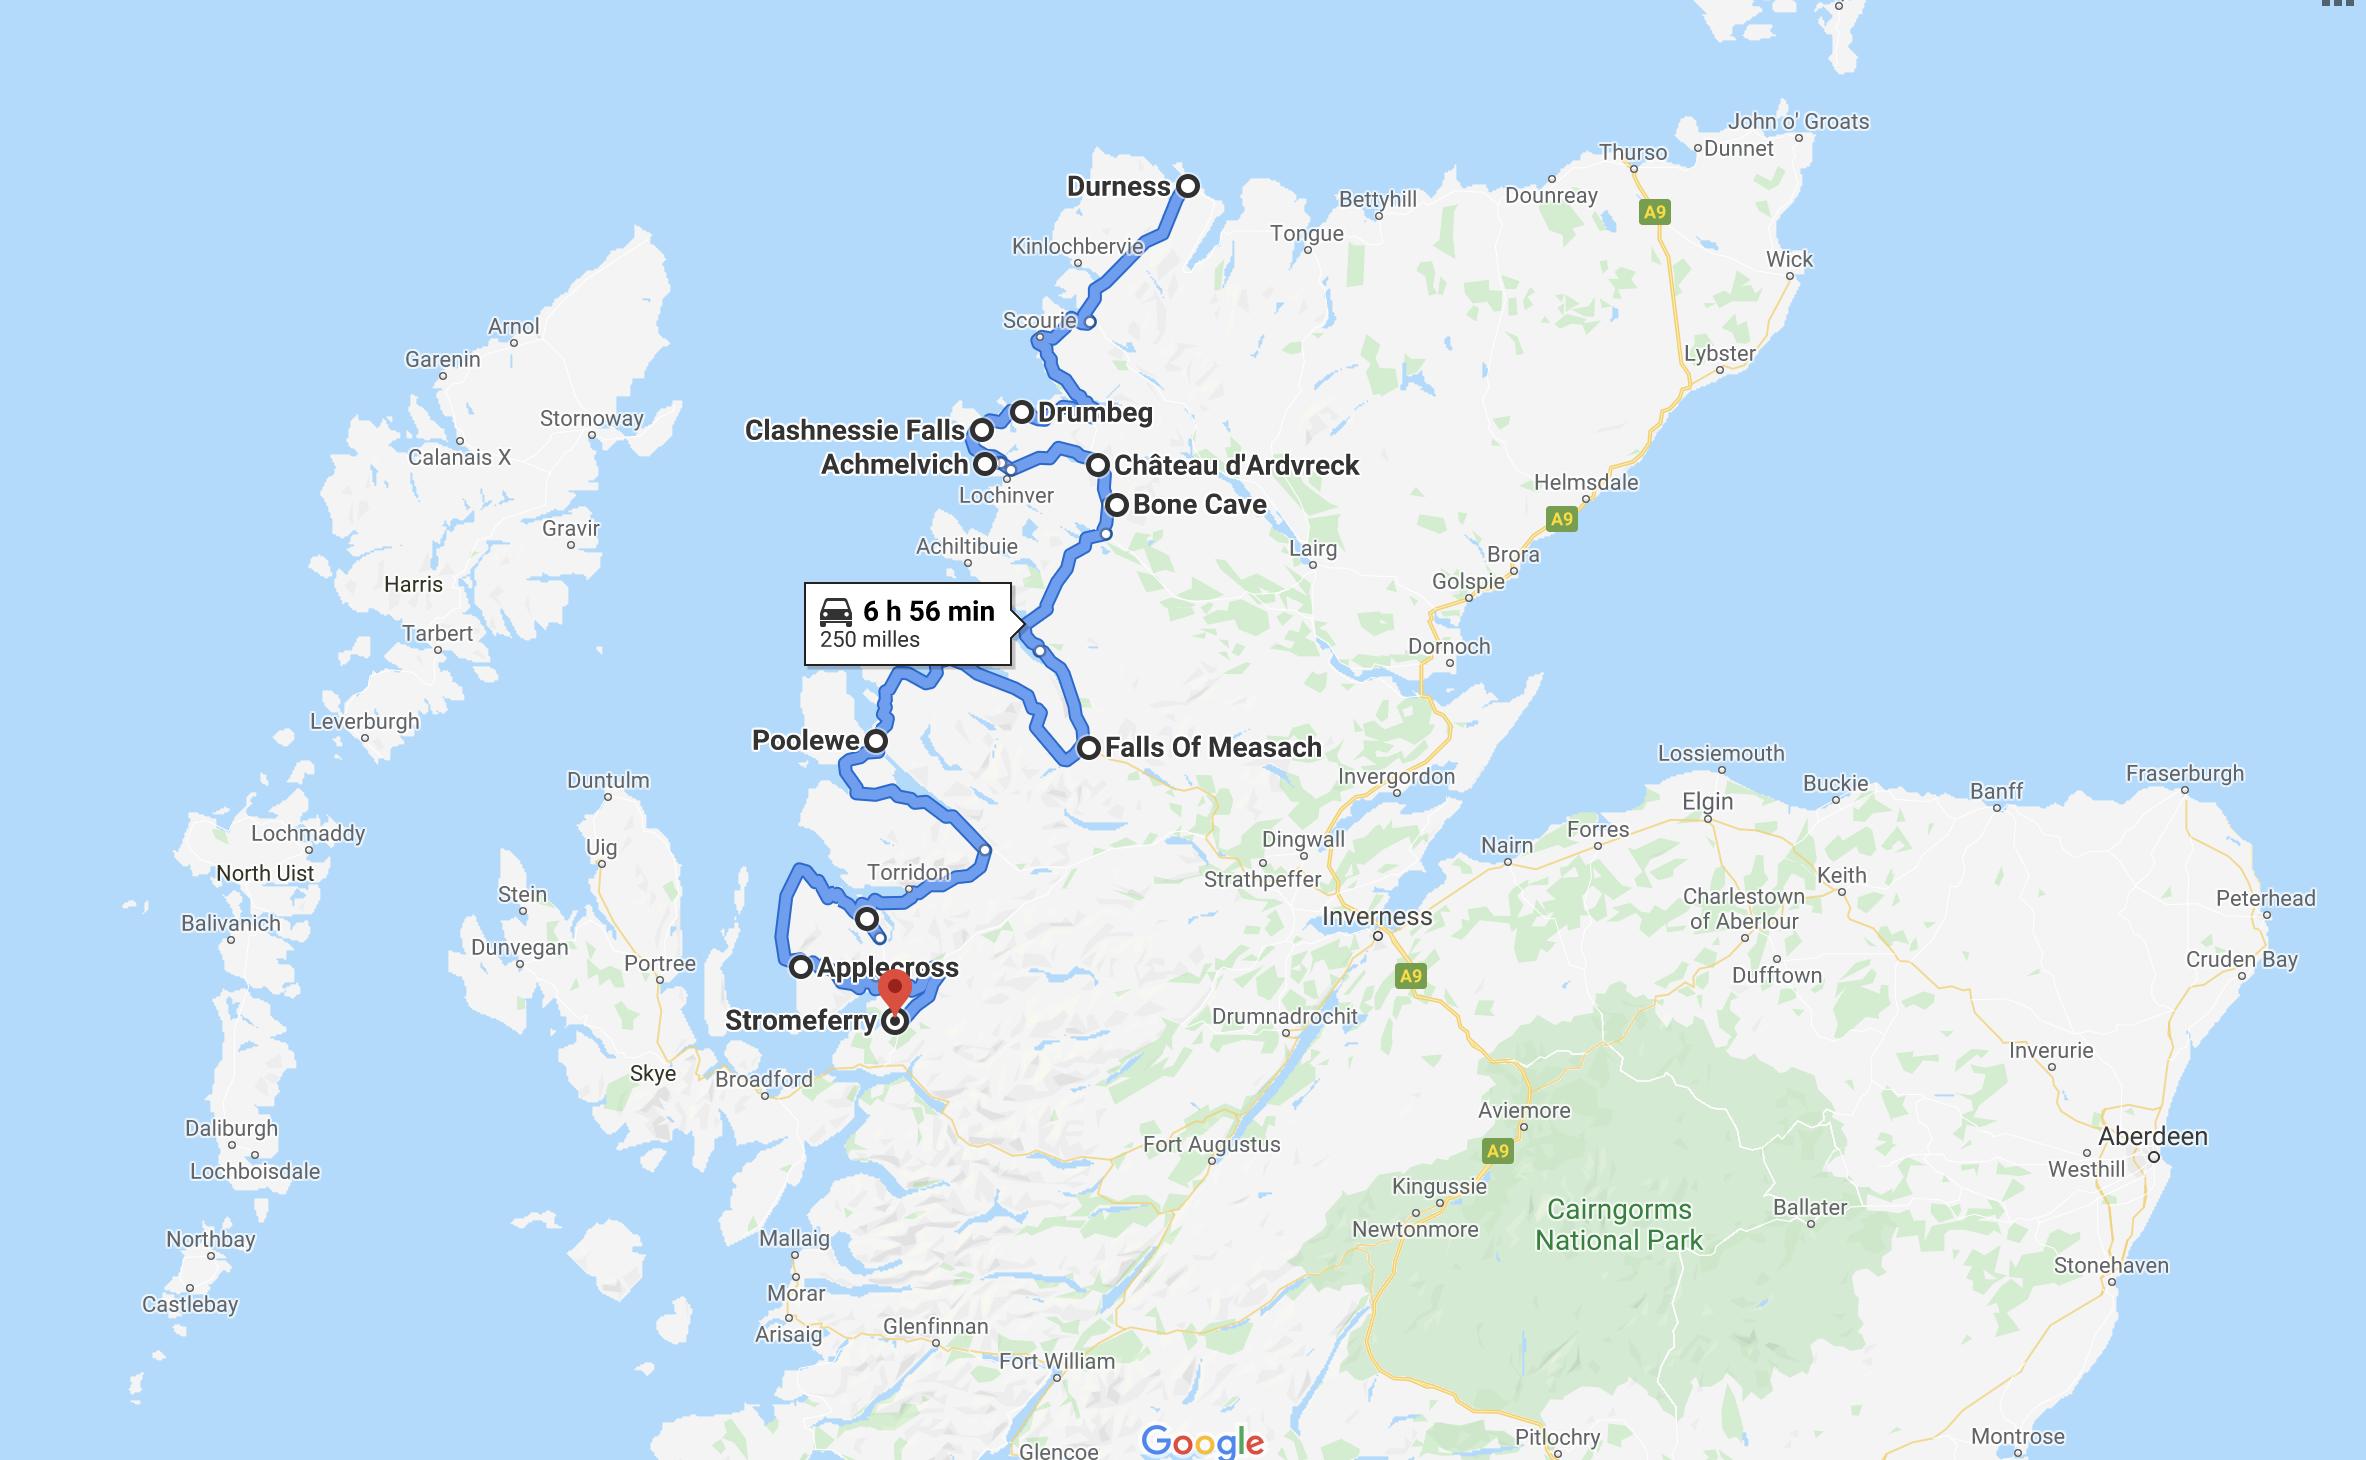 Tracé Google de mon trajet dans l'ouest des Highlands.